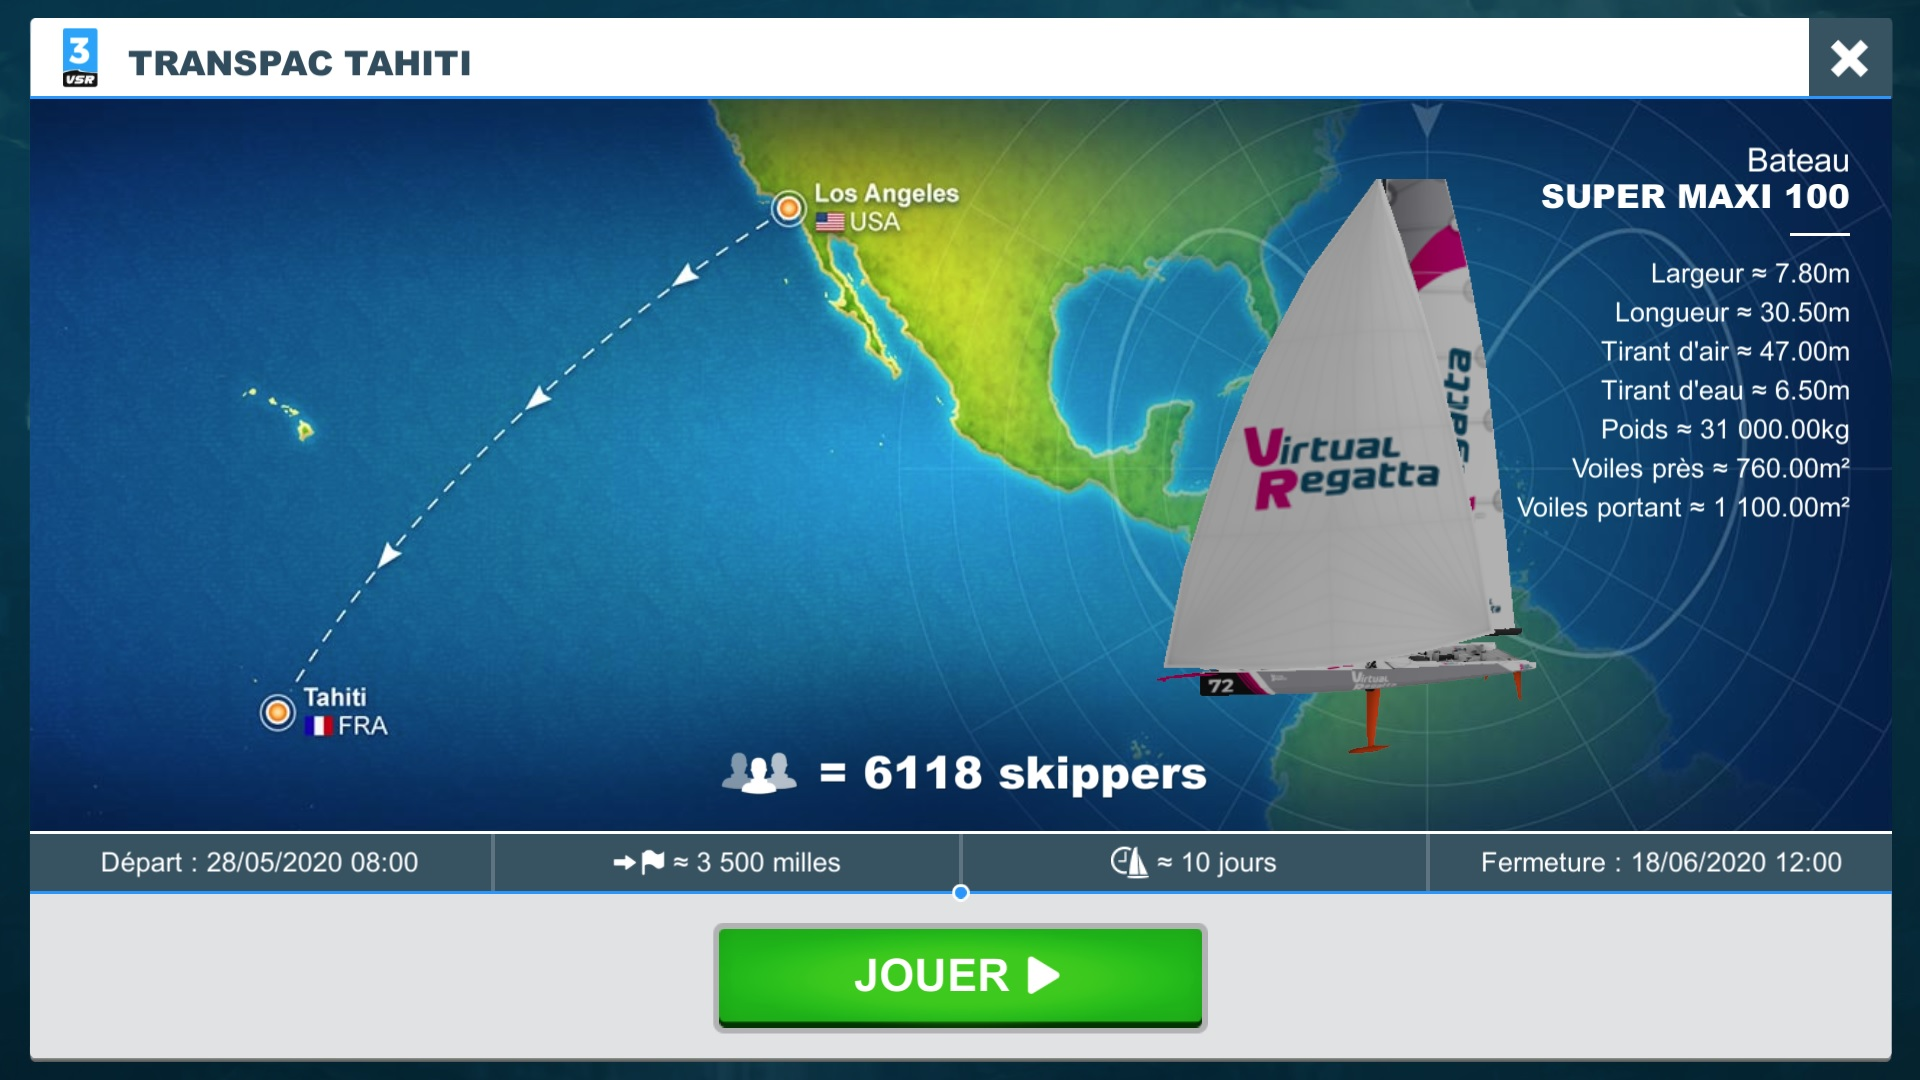 Une régate virtuelle entre Los Angeles et Tahiti